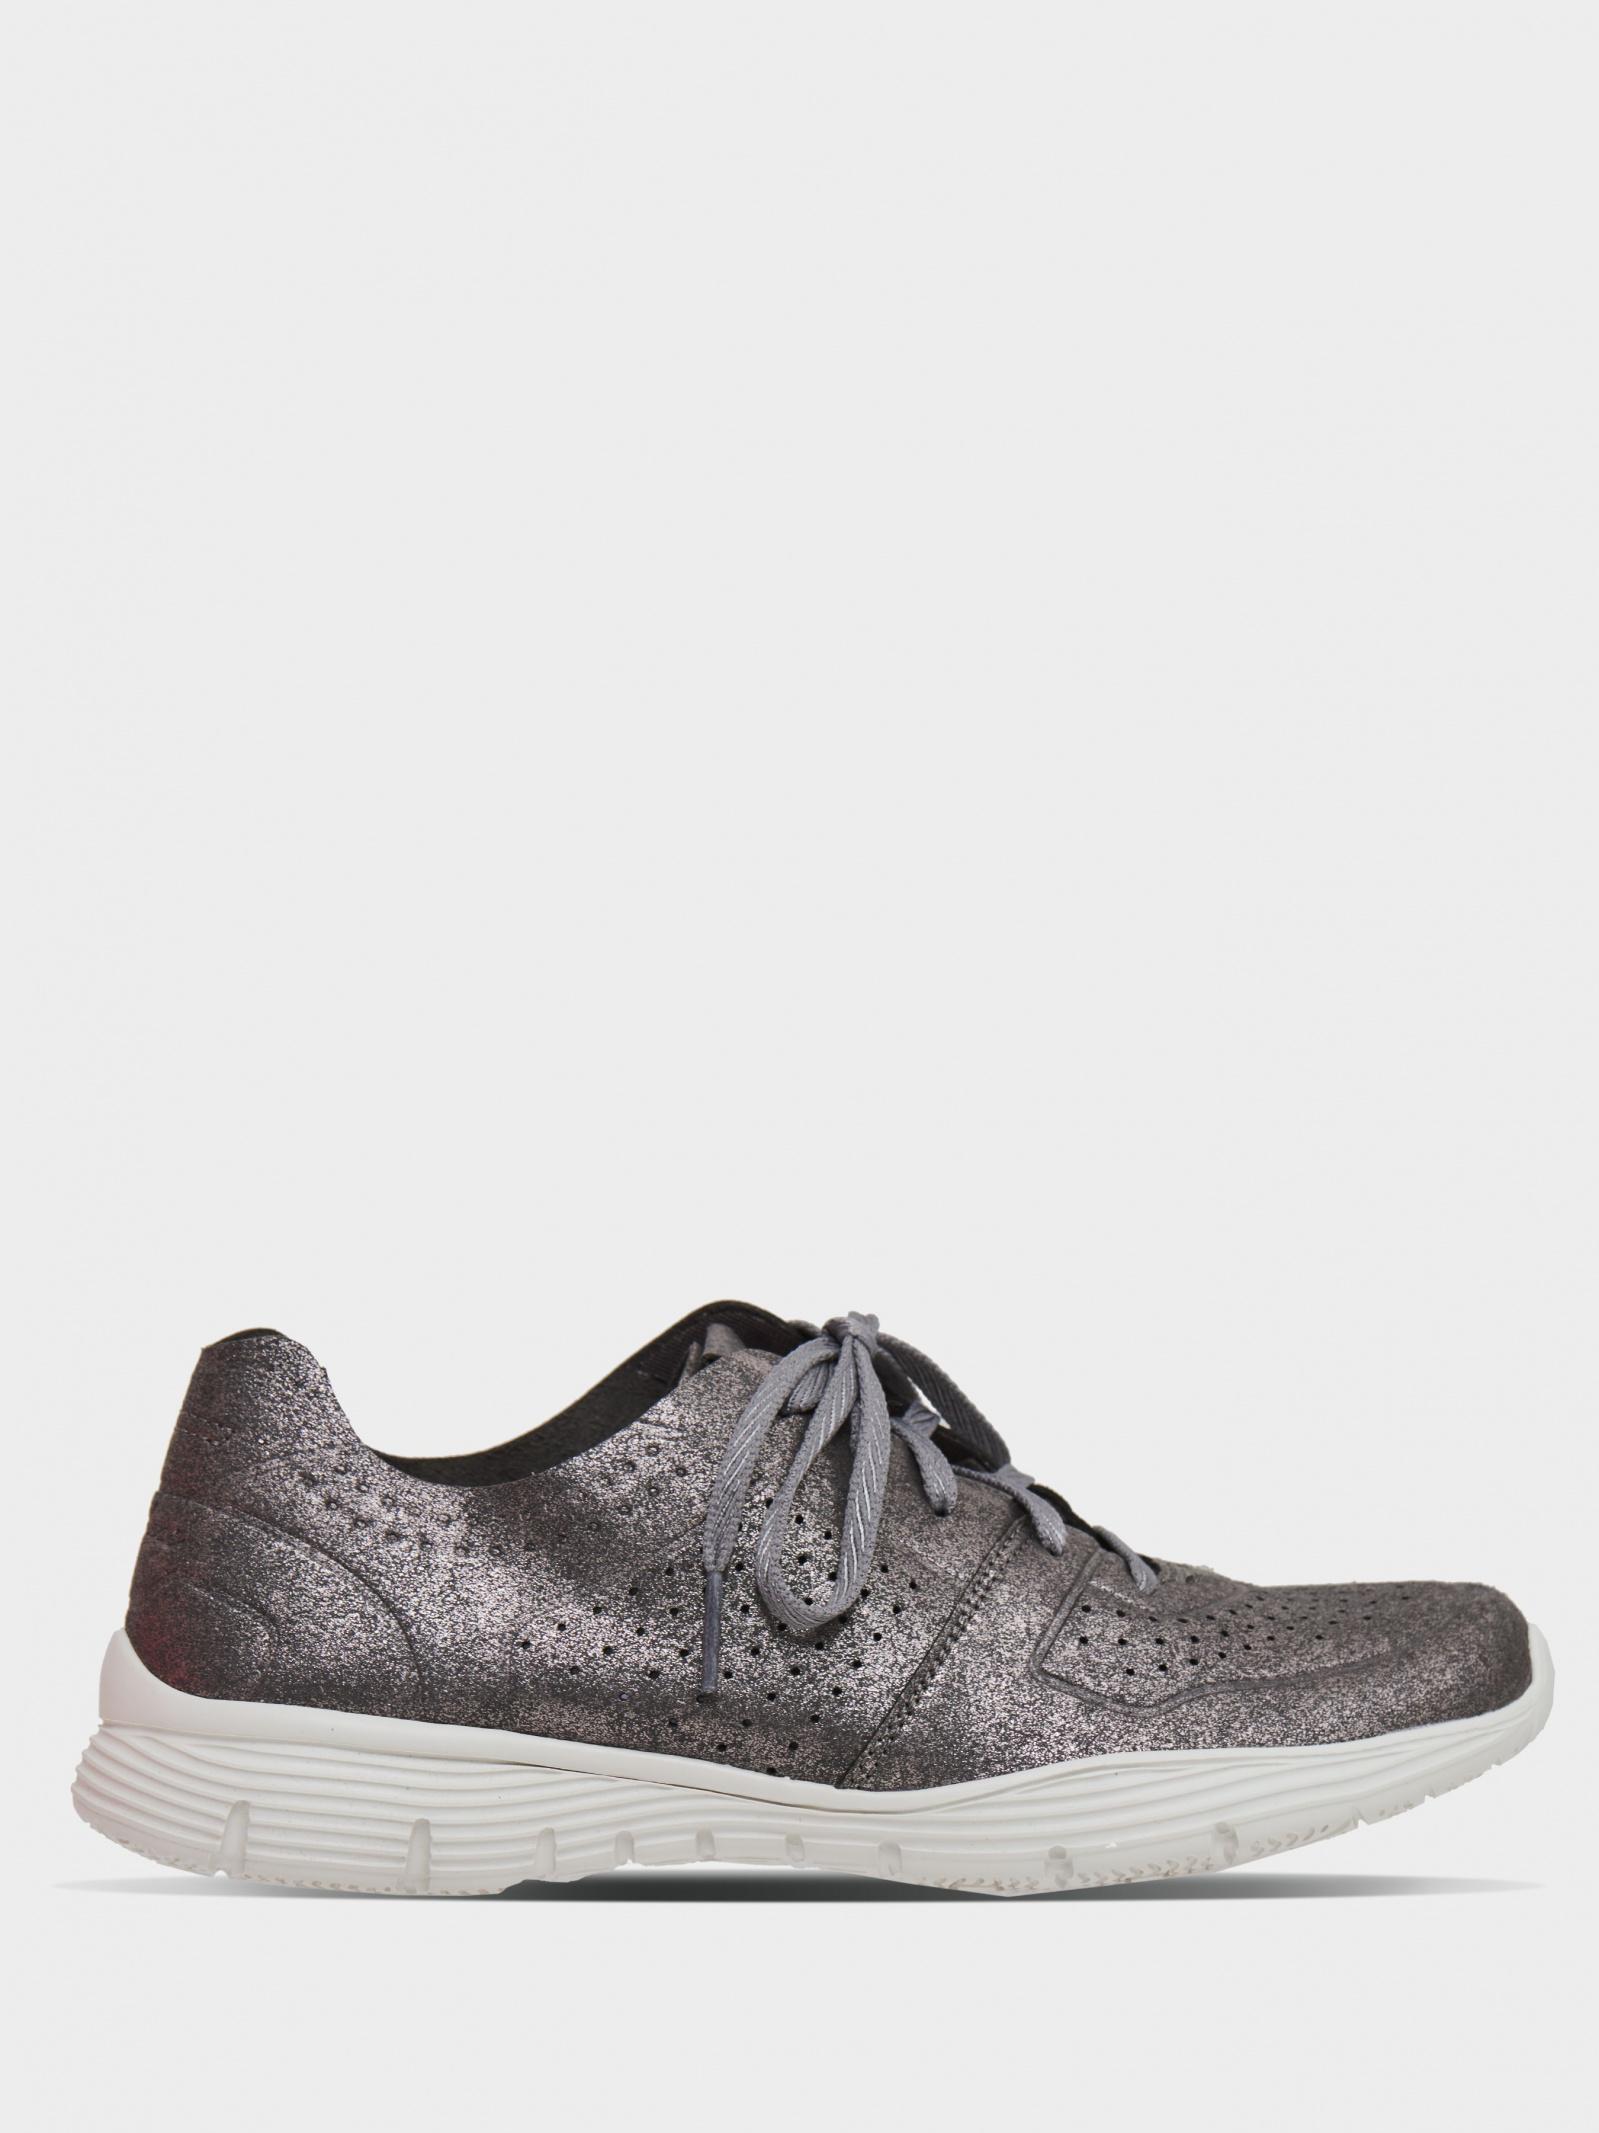 Кроссовки для женщин Skechers Modern Comfort 49632 GUN брендовая обувь, 2017